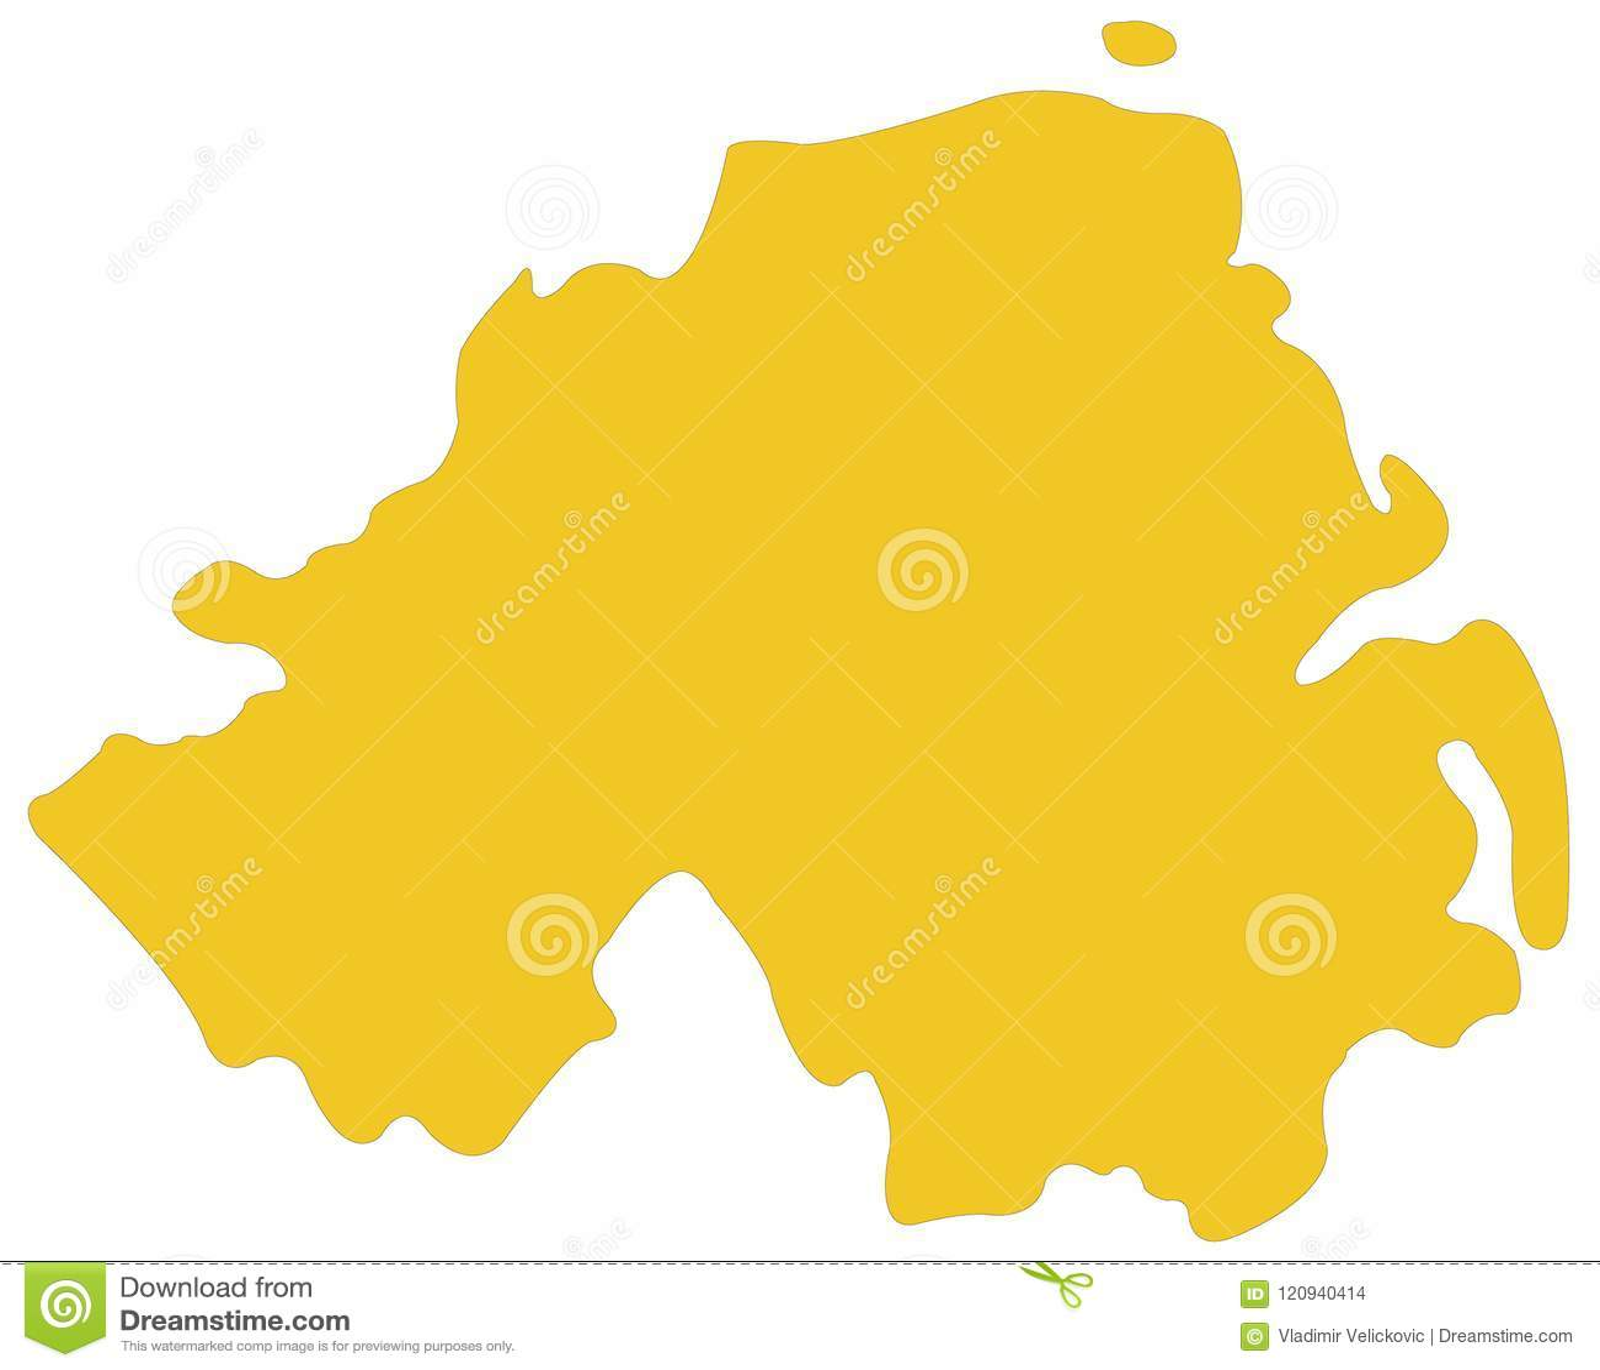 Mapa Irlanda Del Norte.Mapa De Irlanda Del Norte Parte Del Reino Unido En Europa